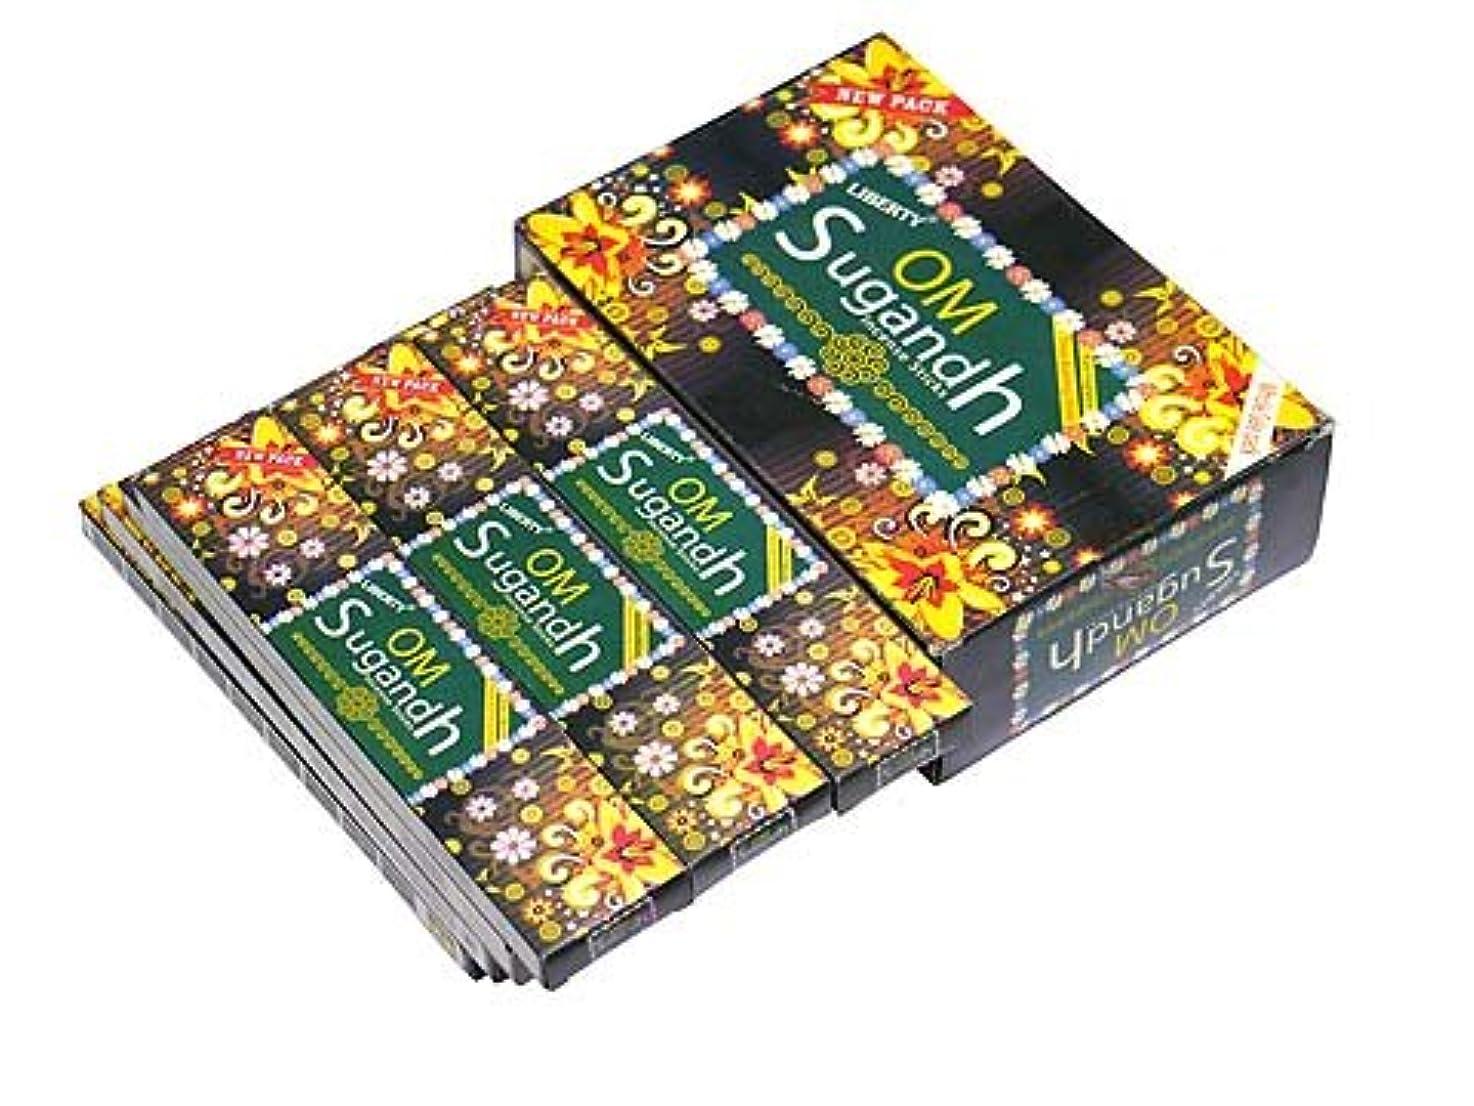 不名誉な疼痛出撃者LIBERTY'S(リバティーズ) オムスガンダ香 スティック OMSUGANDH 12箱セット